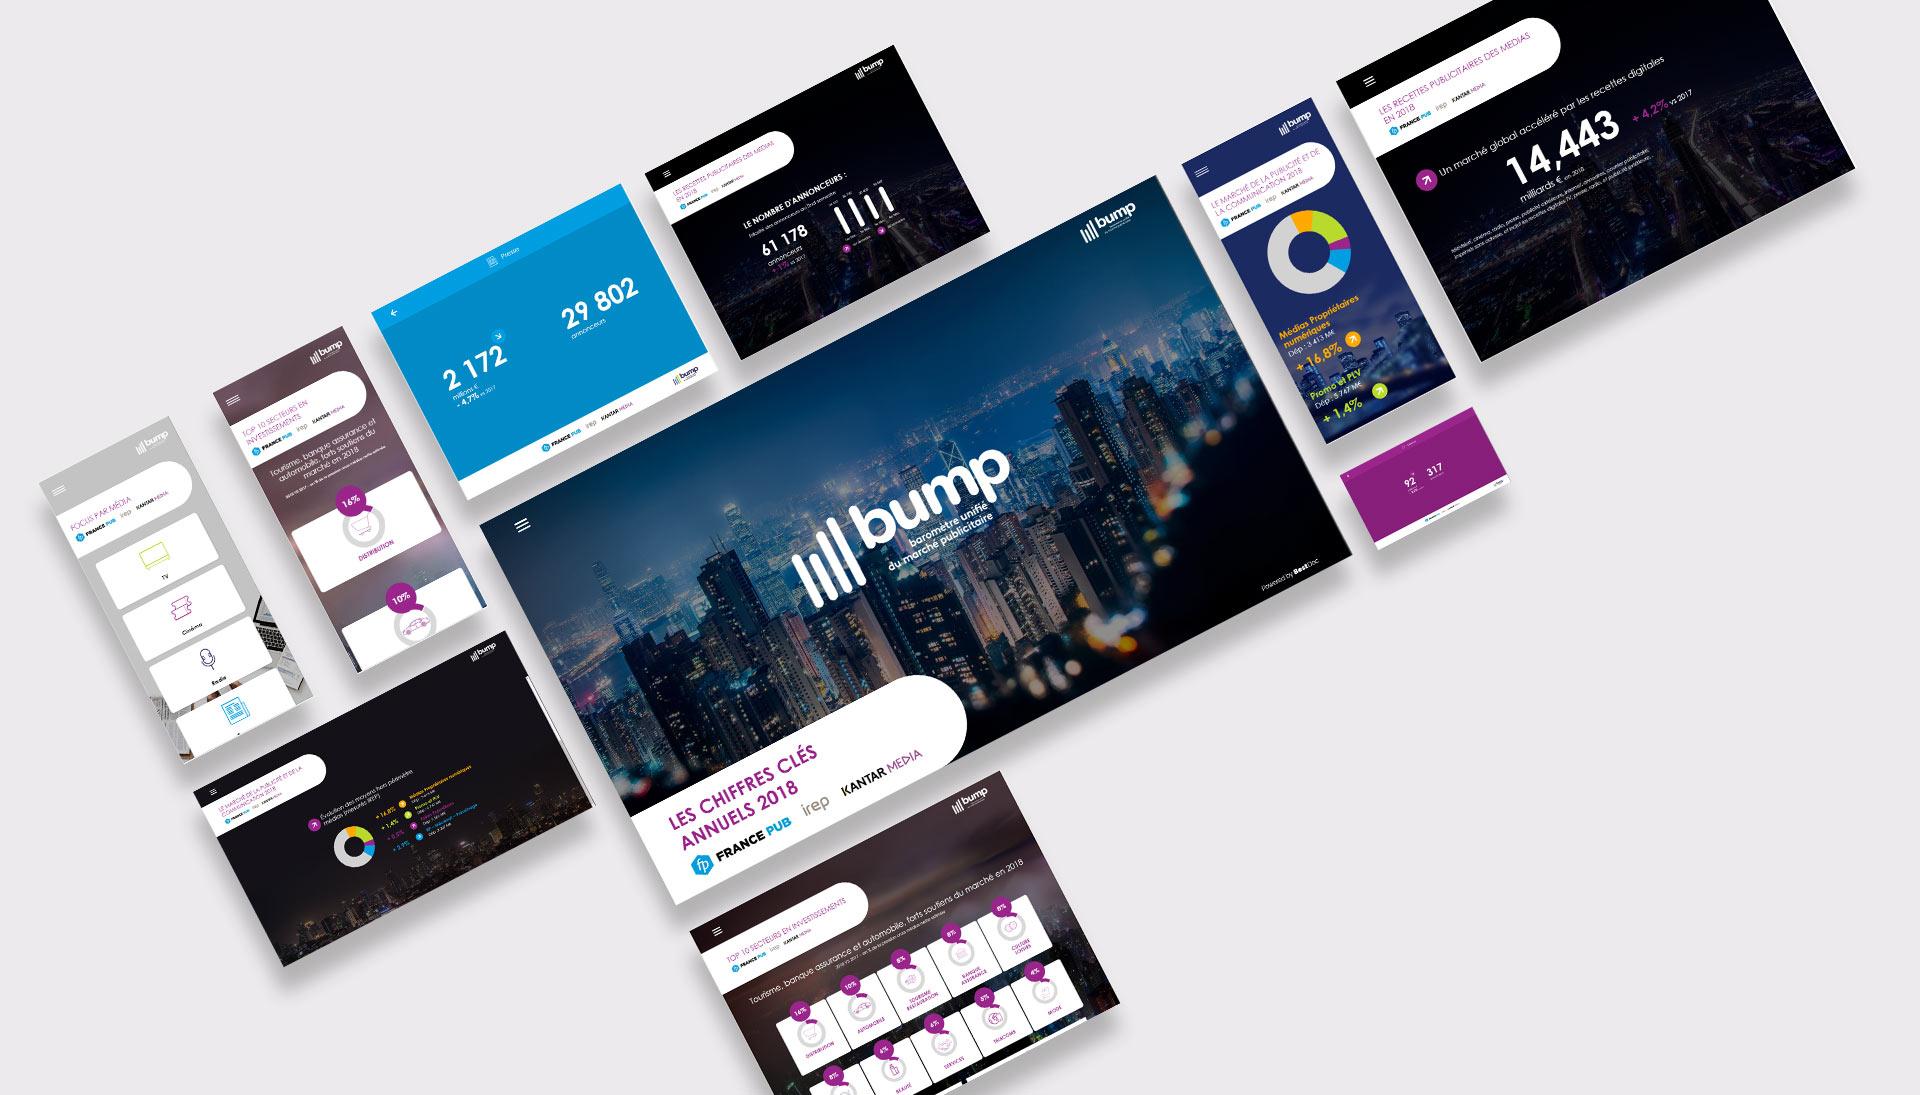 Présentation d'étude interactive et responsive (ordinateur, tablette, smartphone)